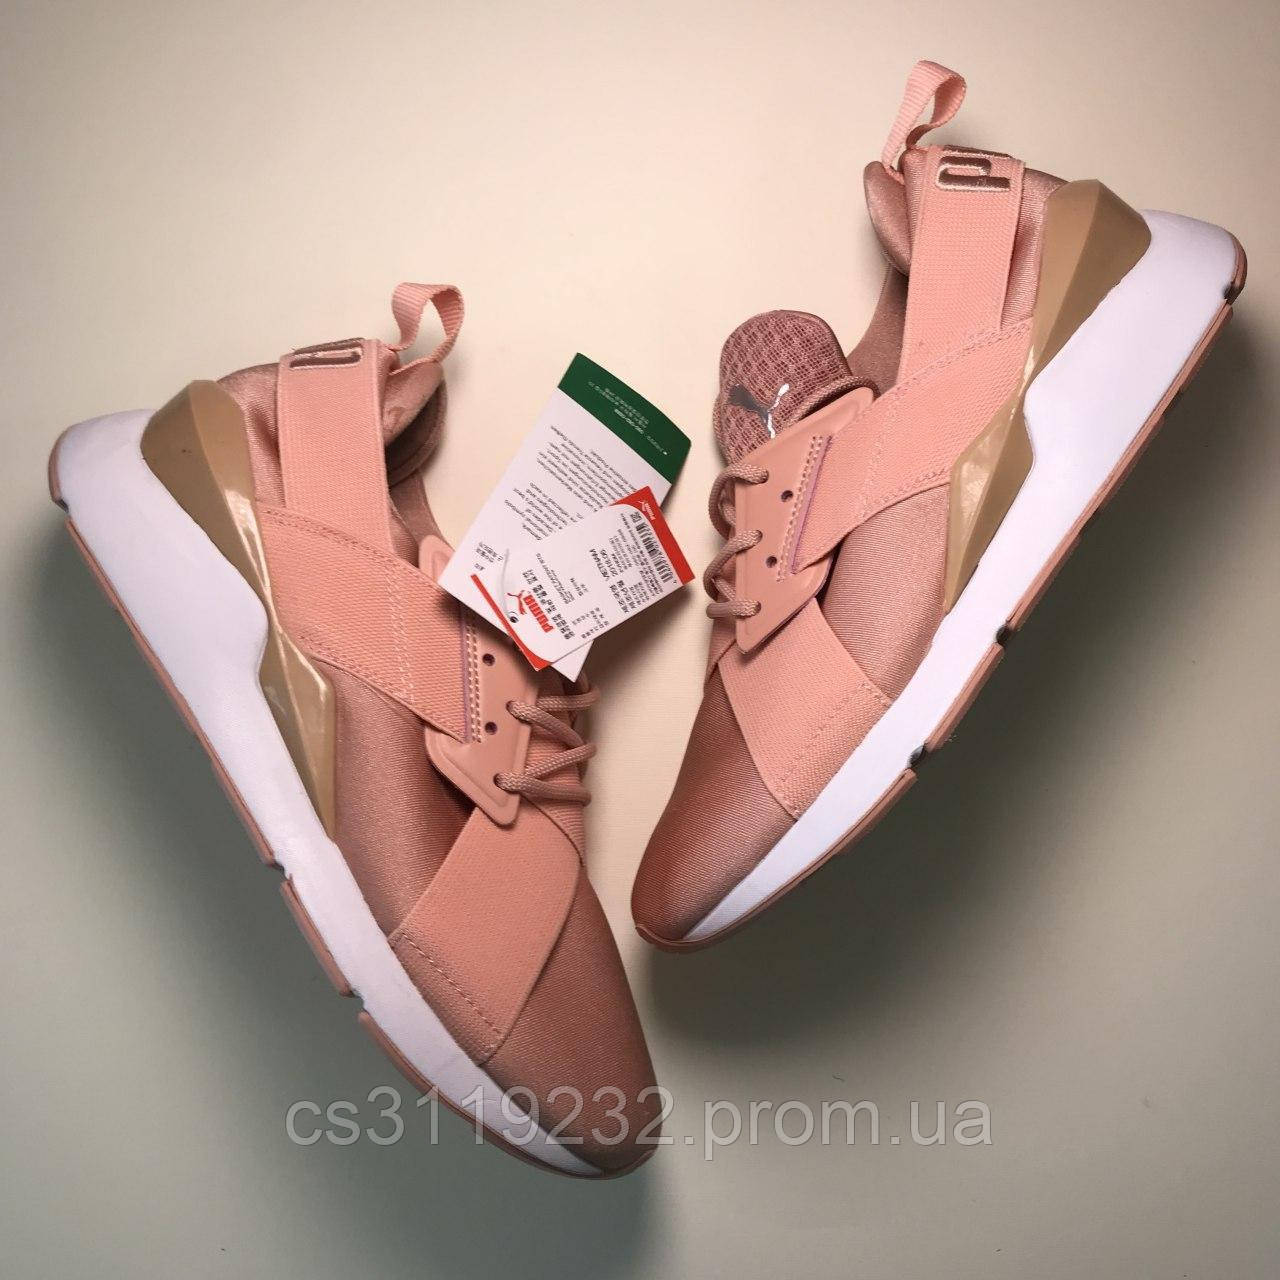 Женские кроссовки Puma Muse Metal Pink (розовые)